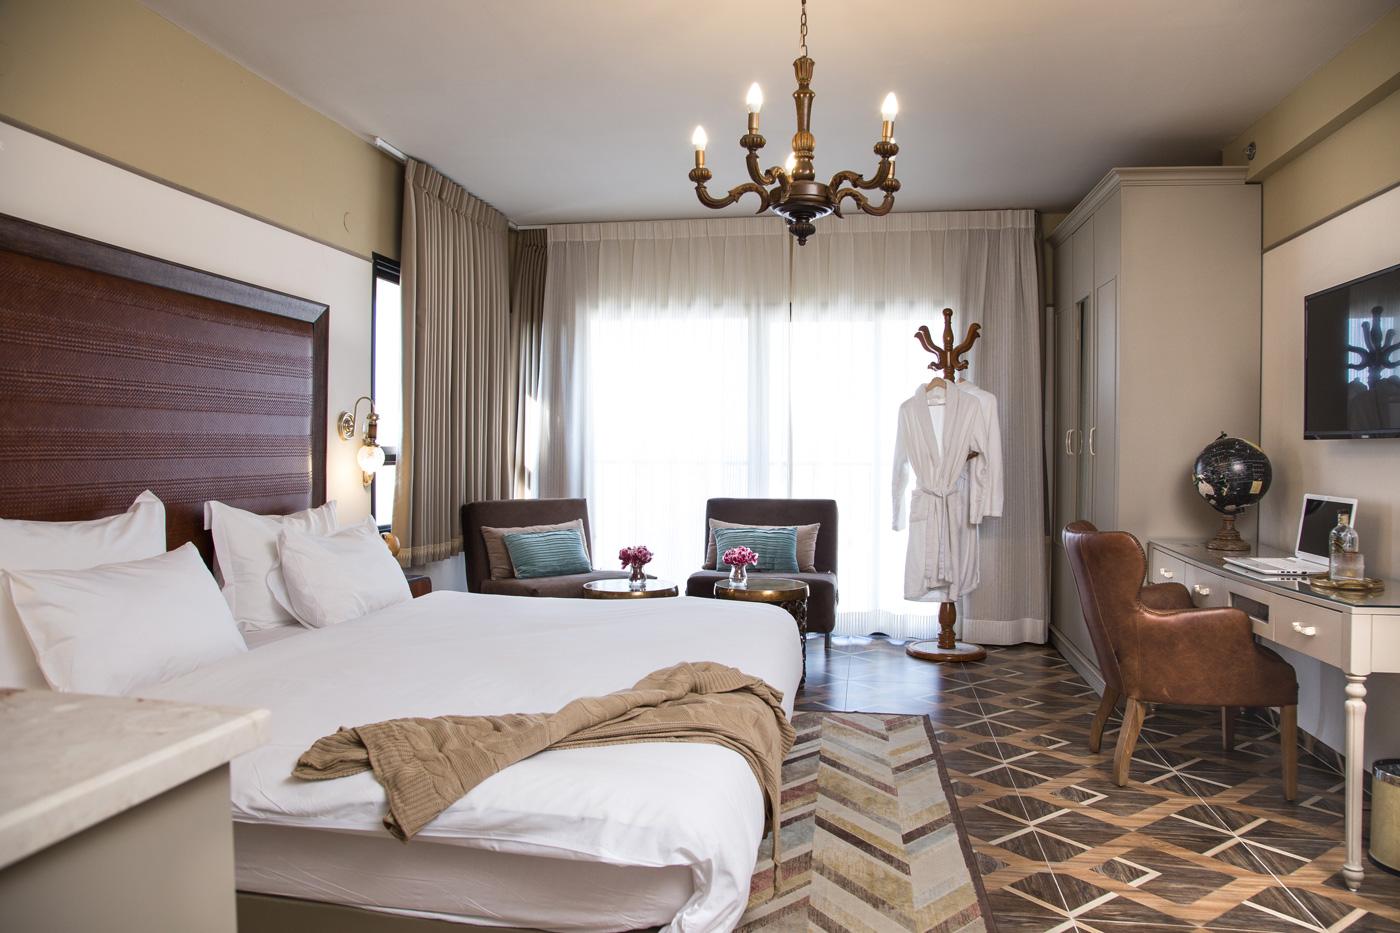 סוויטה נשיאותית - מלון שטרקמן ארנה נהריה